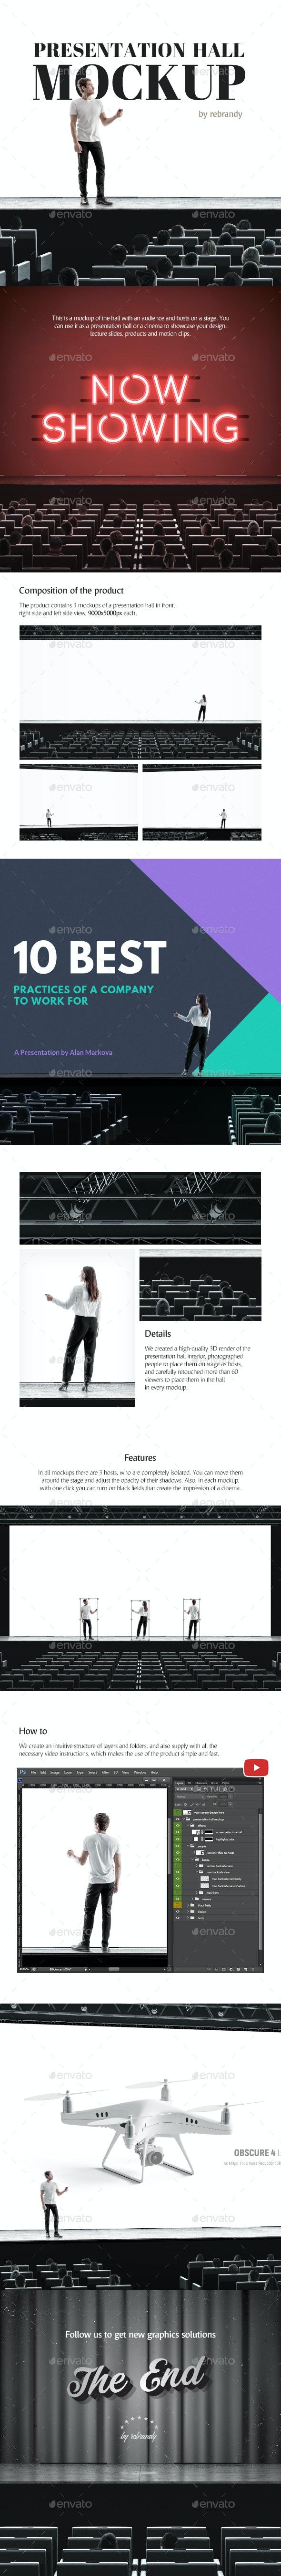 Presentation Hall Mockup - Product Mock-Ups Graphics